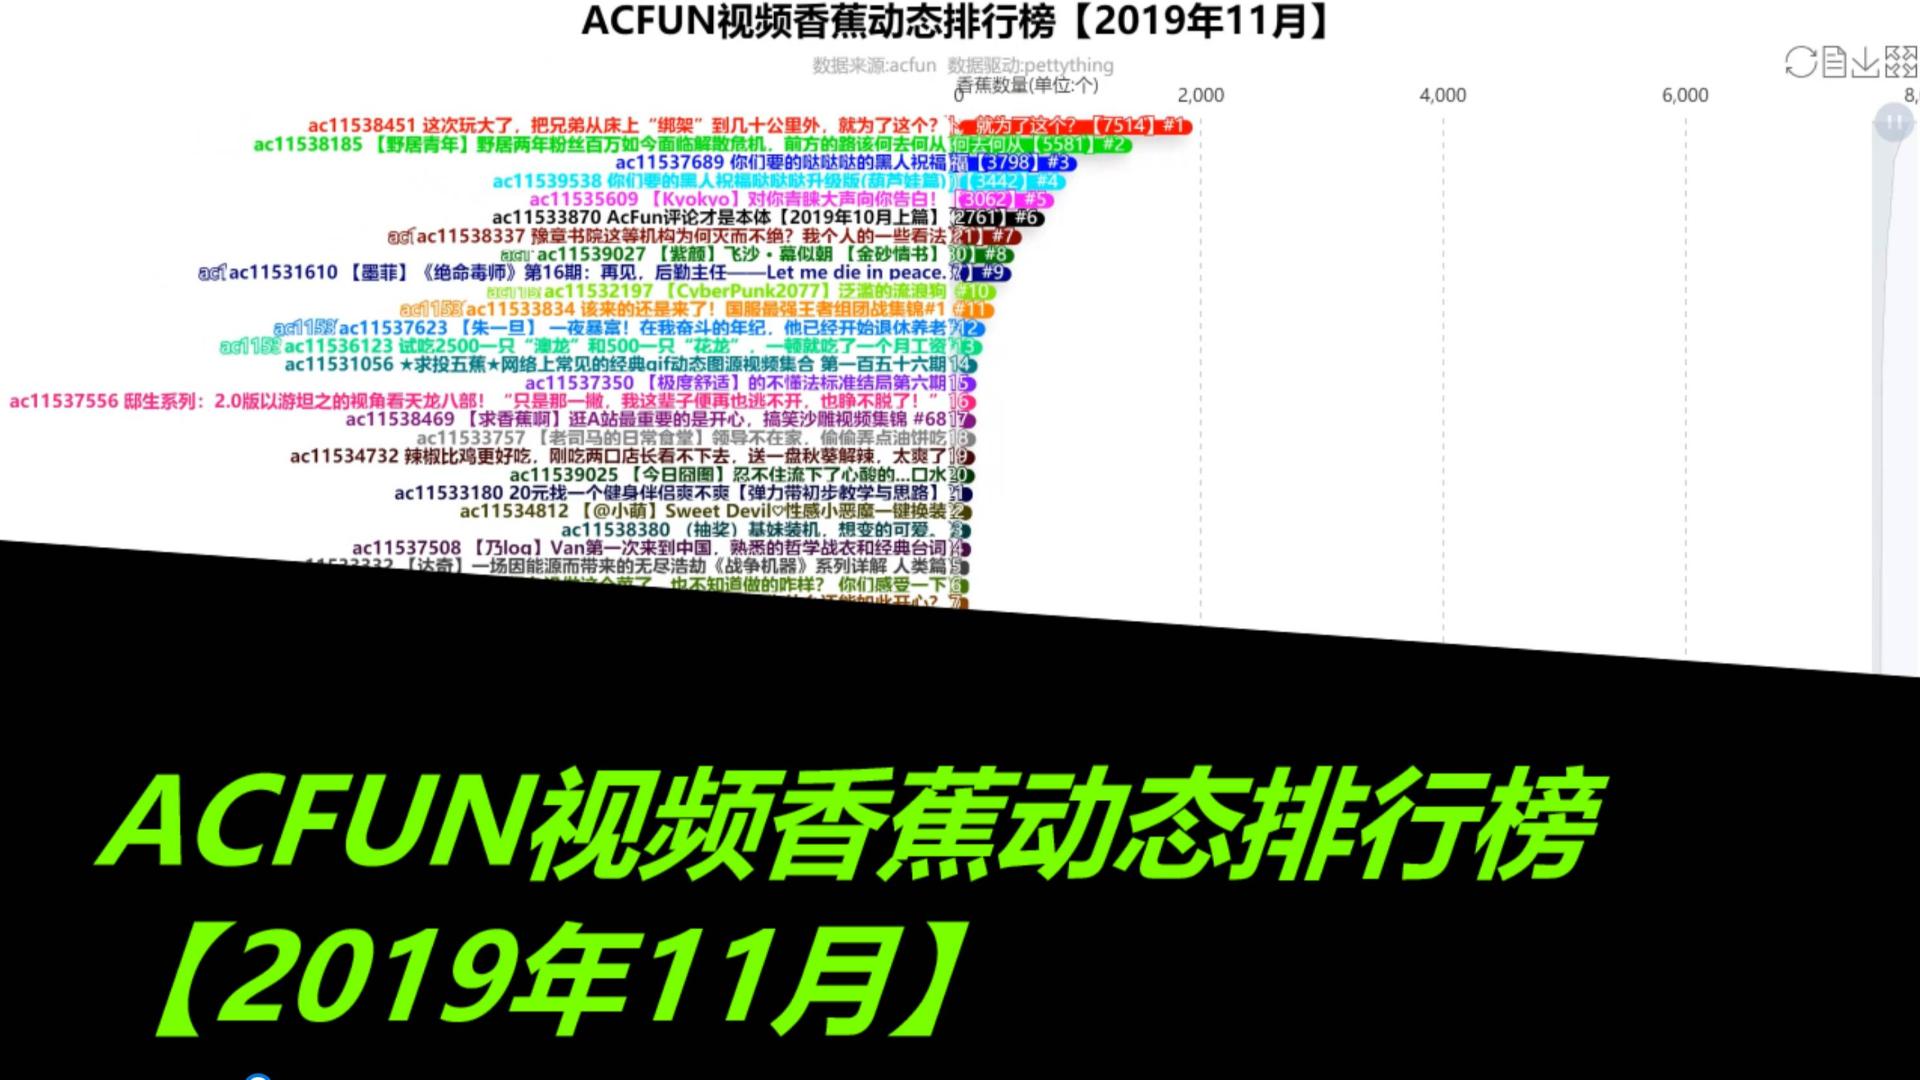 ACFUN视频香蕉动态排行榜【2019年11月】